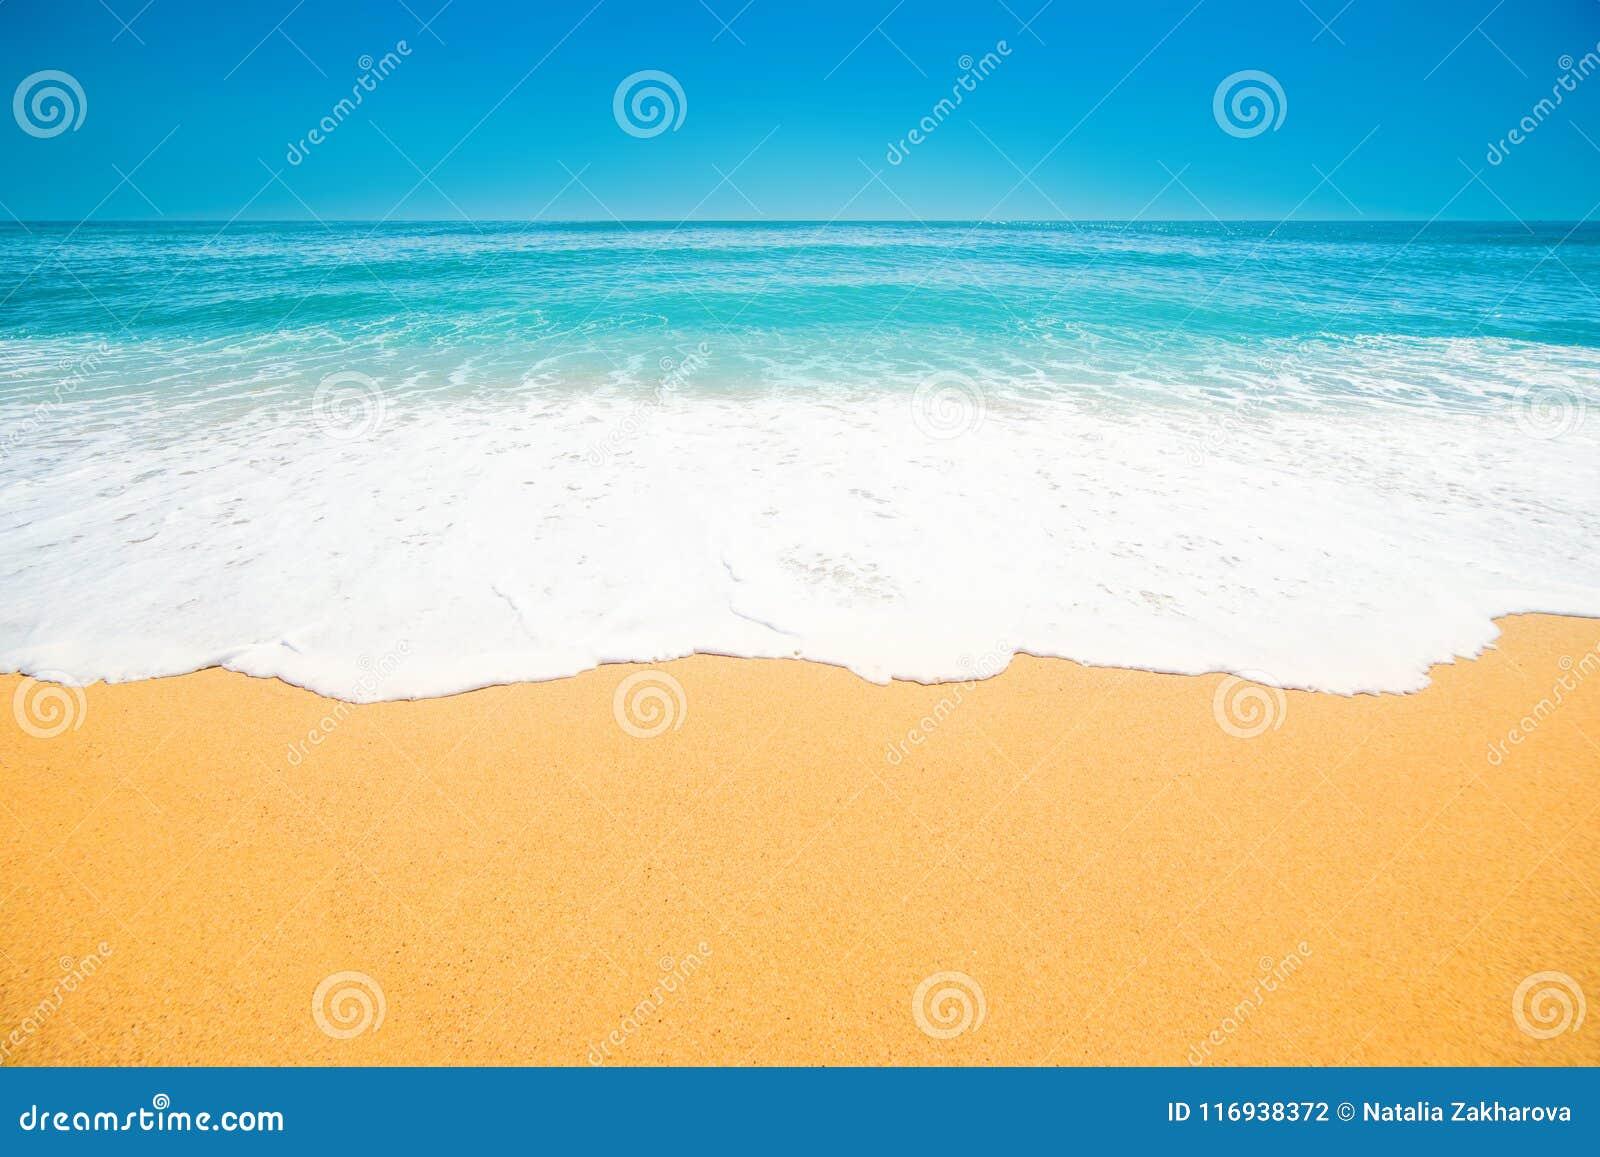 Όμορφη τροπική παραλία με το μαλακό κύμα του μπλε ωκεανού, άμμος και